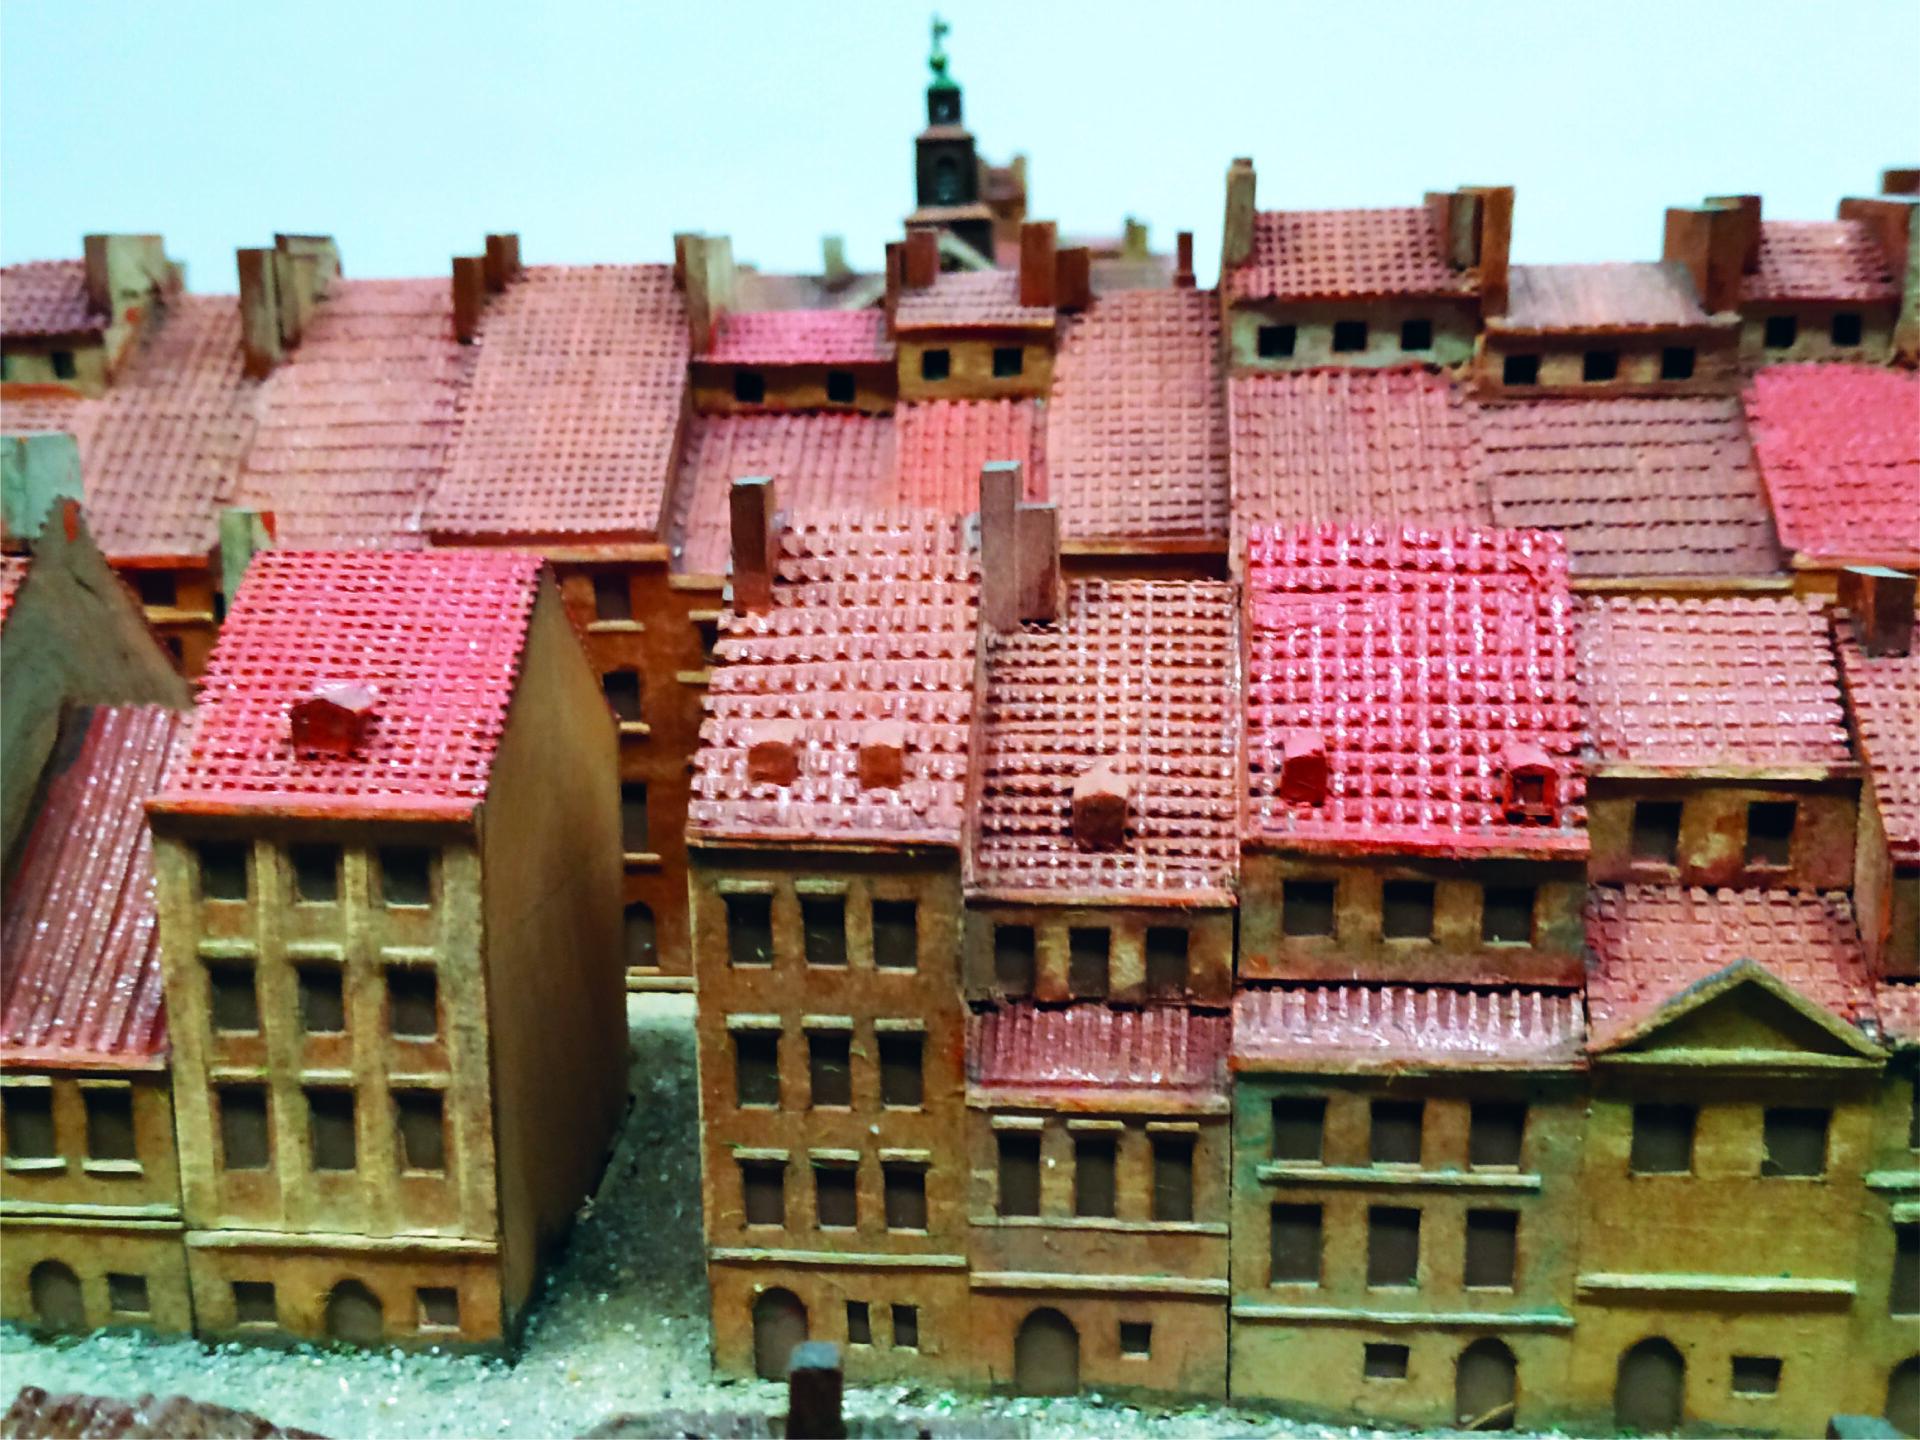 Fragment makiety Warszawy zMuzeum Warszawy. Napierwszym planie gęstą zabudowa kamienic krytych czerwoną dachówką. Wgłębi czerwone dachy kolejnych domów.